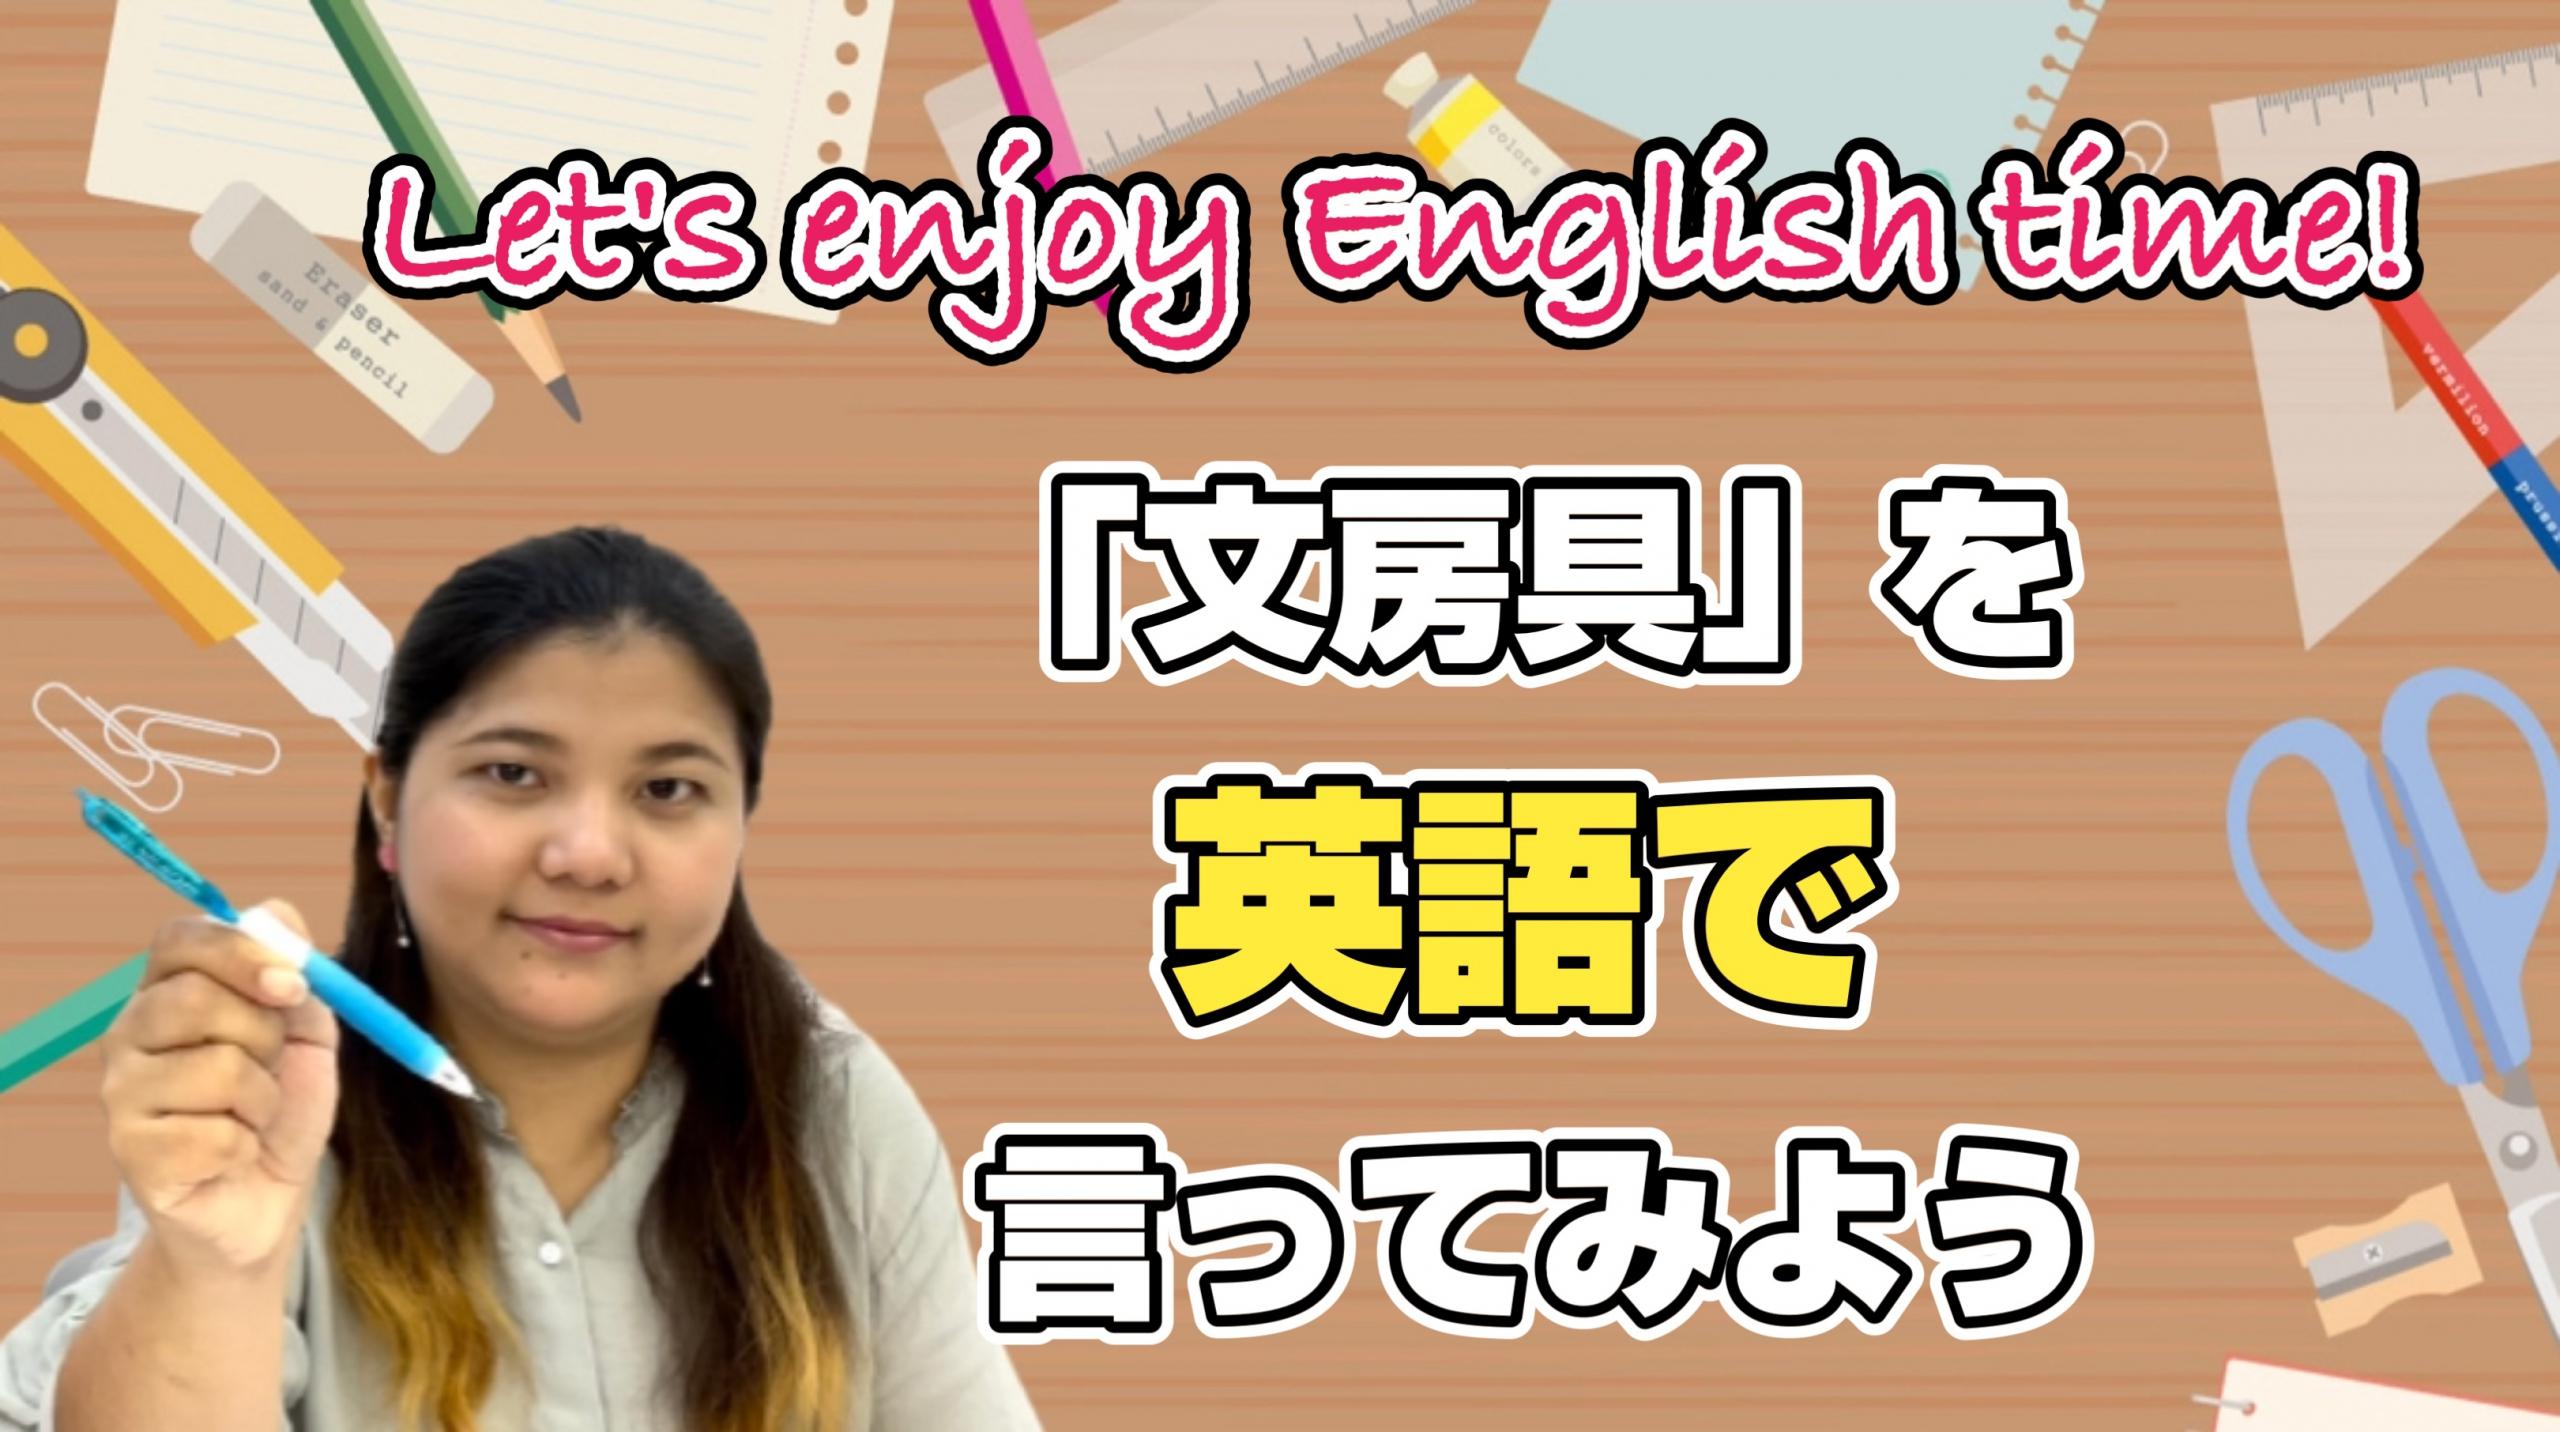 英語で文房具を言ってみよう